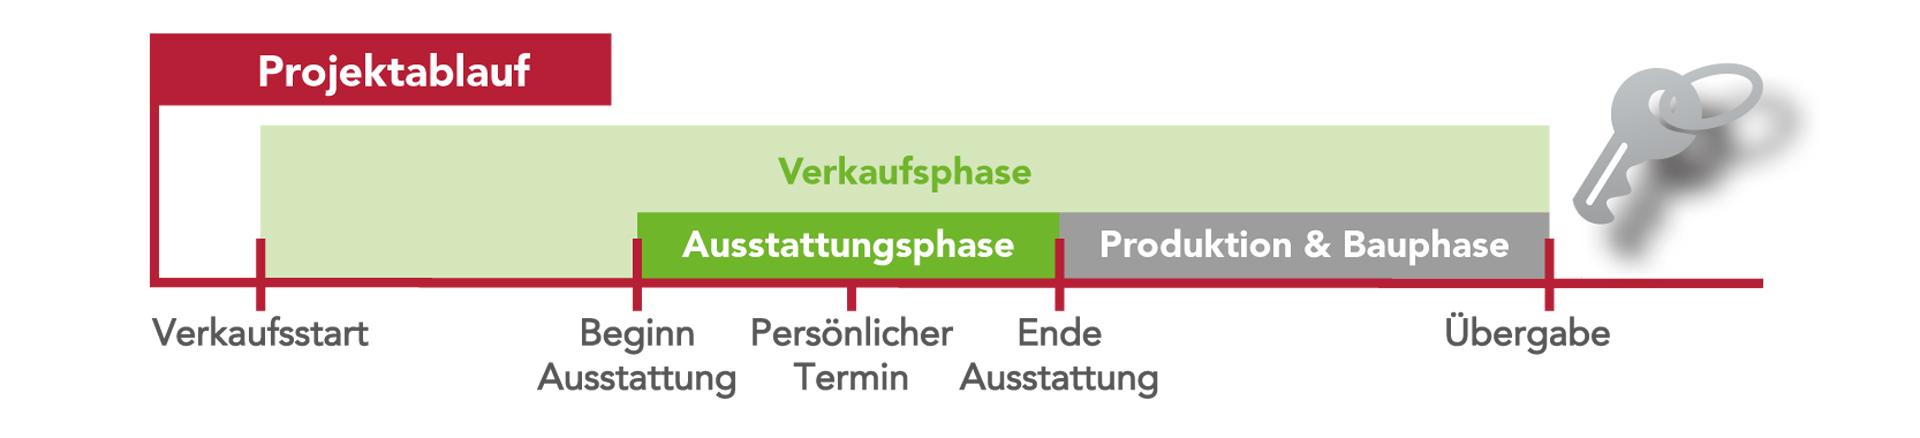 Projektablauf - Verkaufsphase, Ausstattungsphase, Produktion und Bauphase